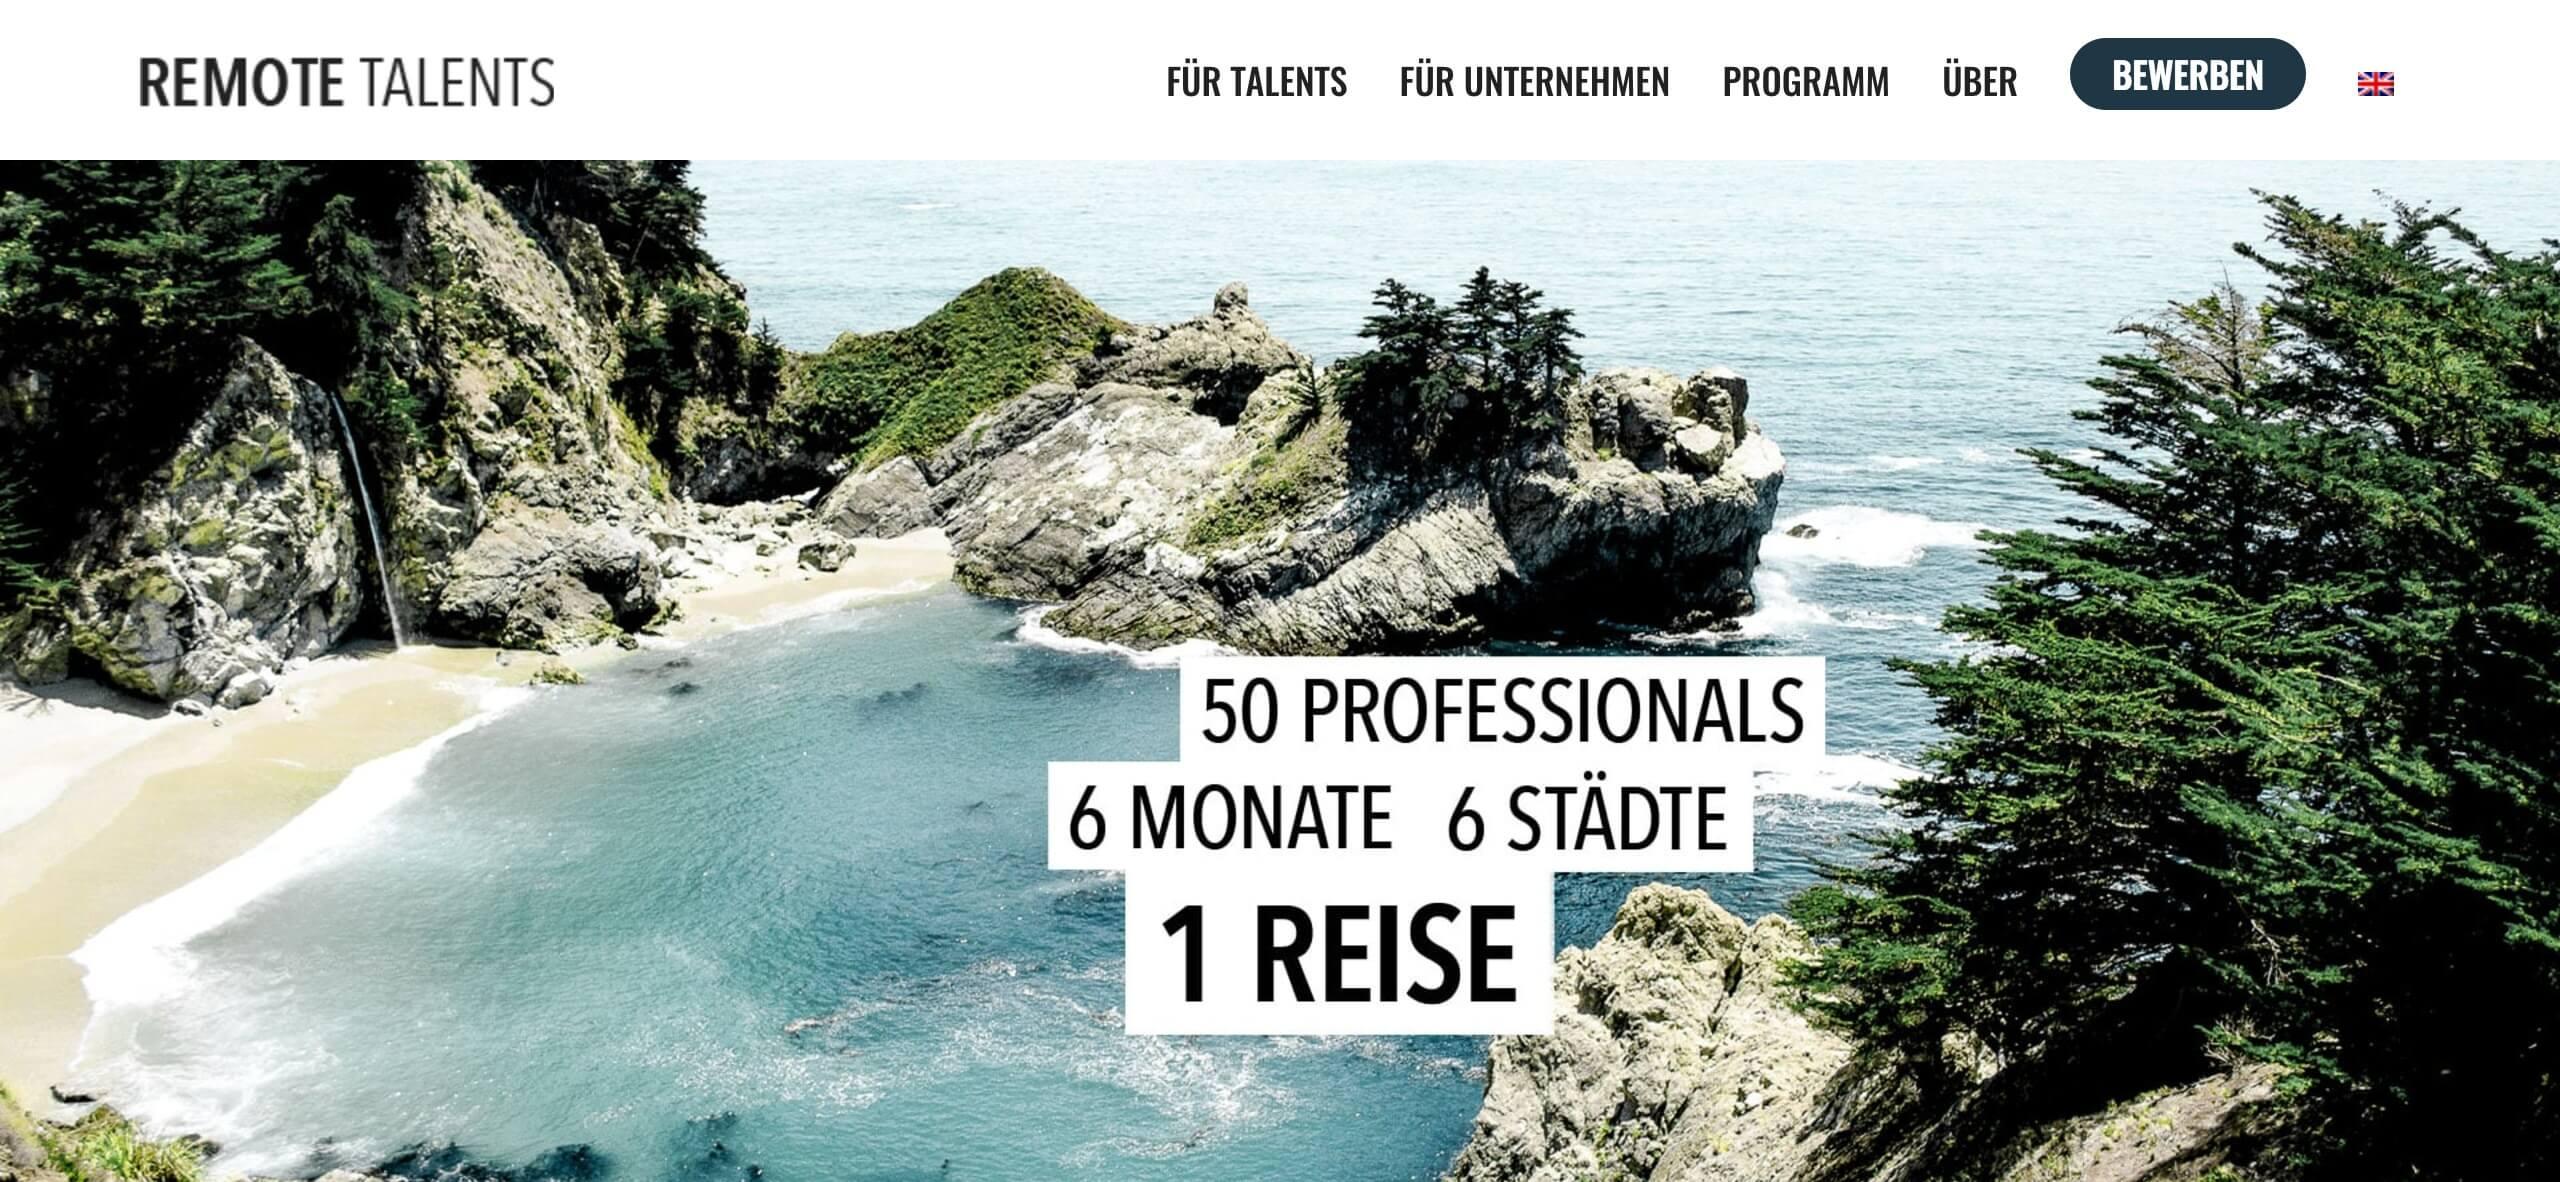 Remote Talents Startseite